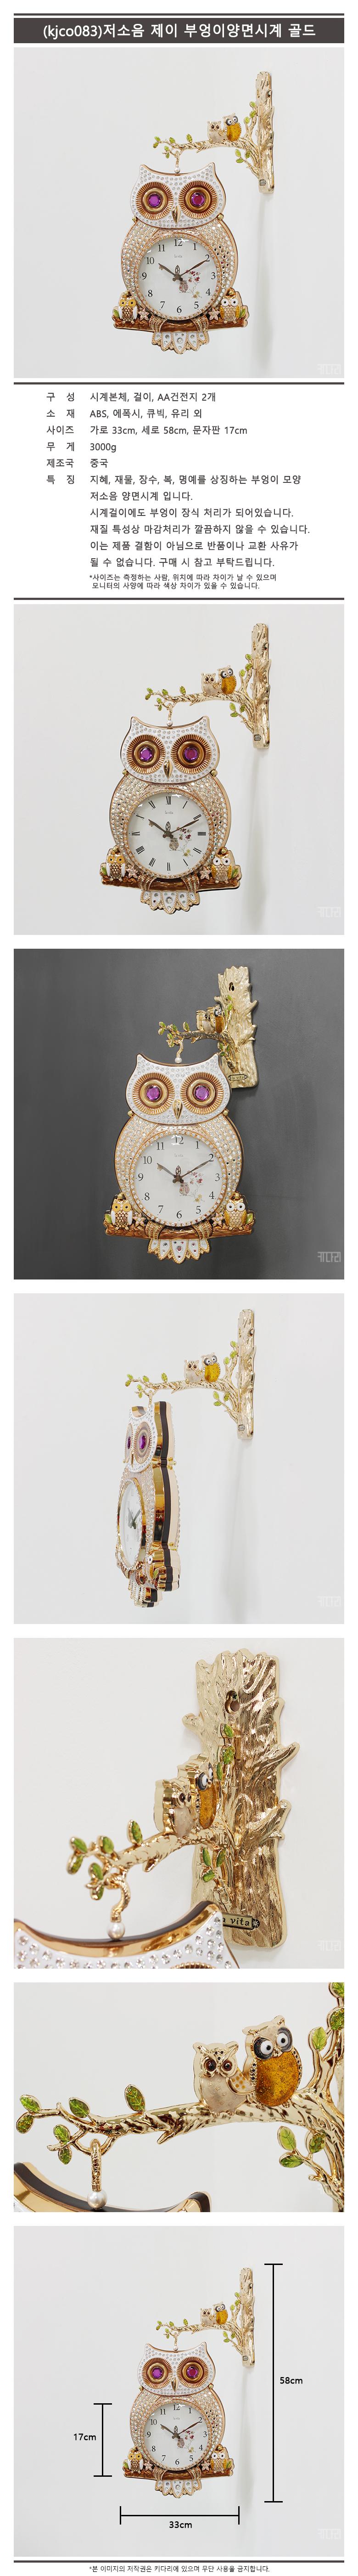 (kjco083)저소음 제이 부엉이양면시계 골드 160,000원-키다리인테리어, 시계, 양면시계, 앤틱바보사랑 (kjco083)저소음 제이 부엉이양면시계 골드 160,000원-키다리인테리어, 시계, 양면시계, 앤틱바보사랑